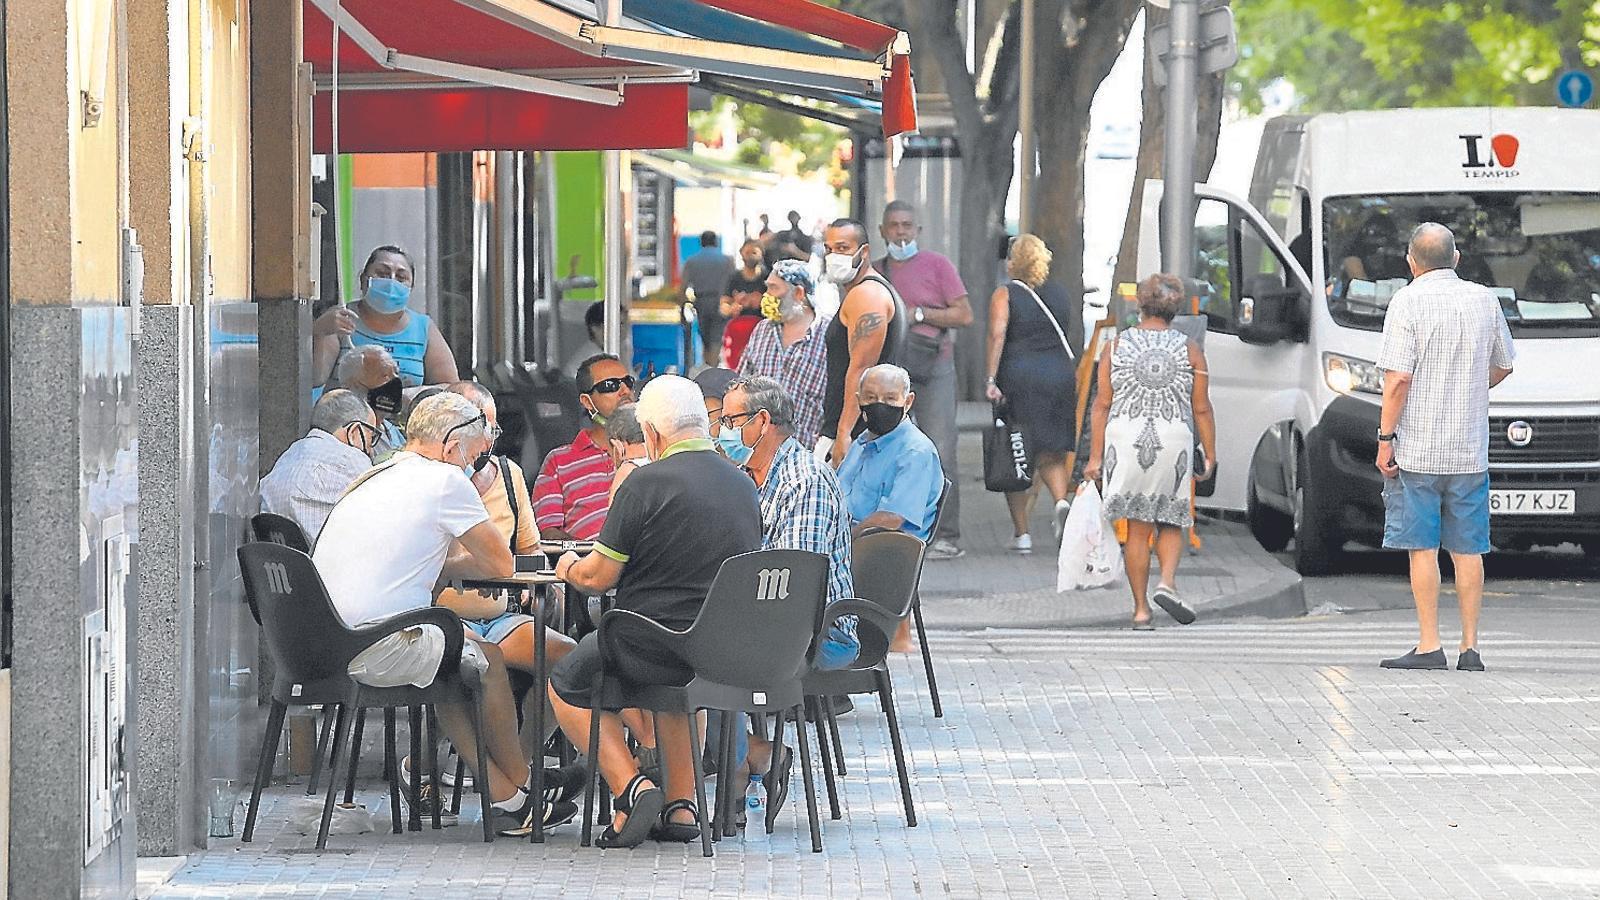 La majora dels bars i cafeteries del barri de Son Gotleu estan oberts.